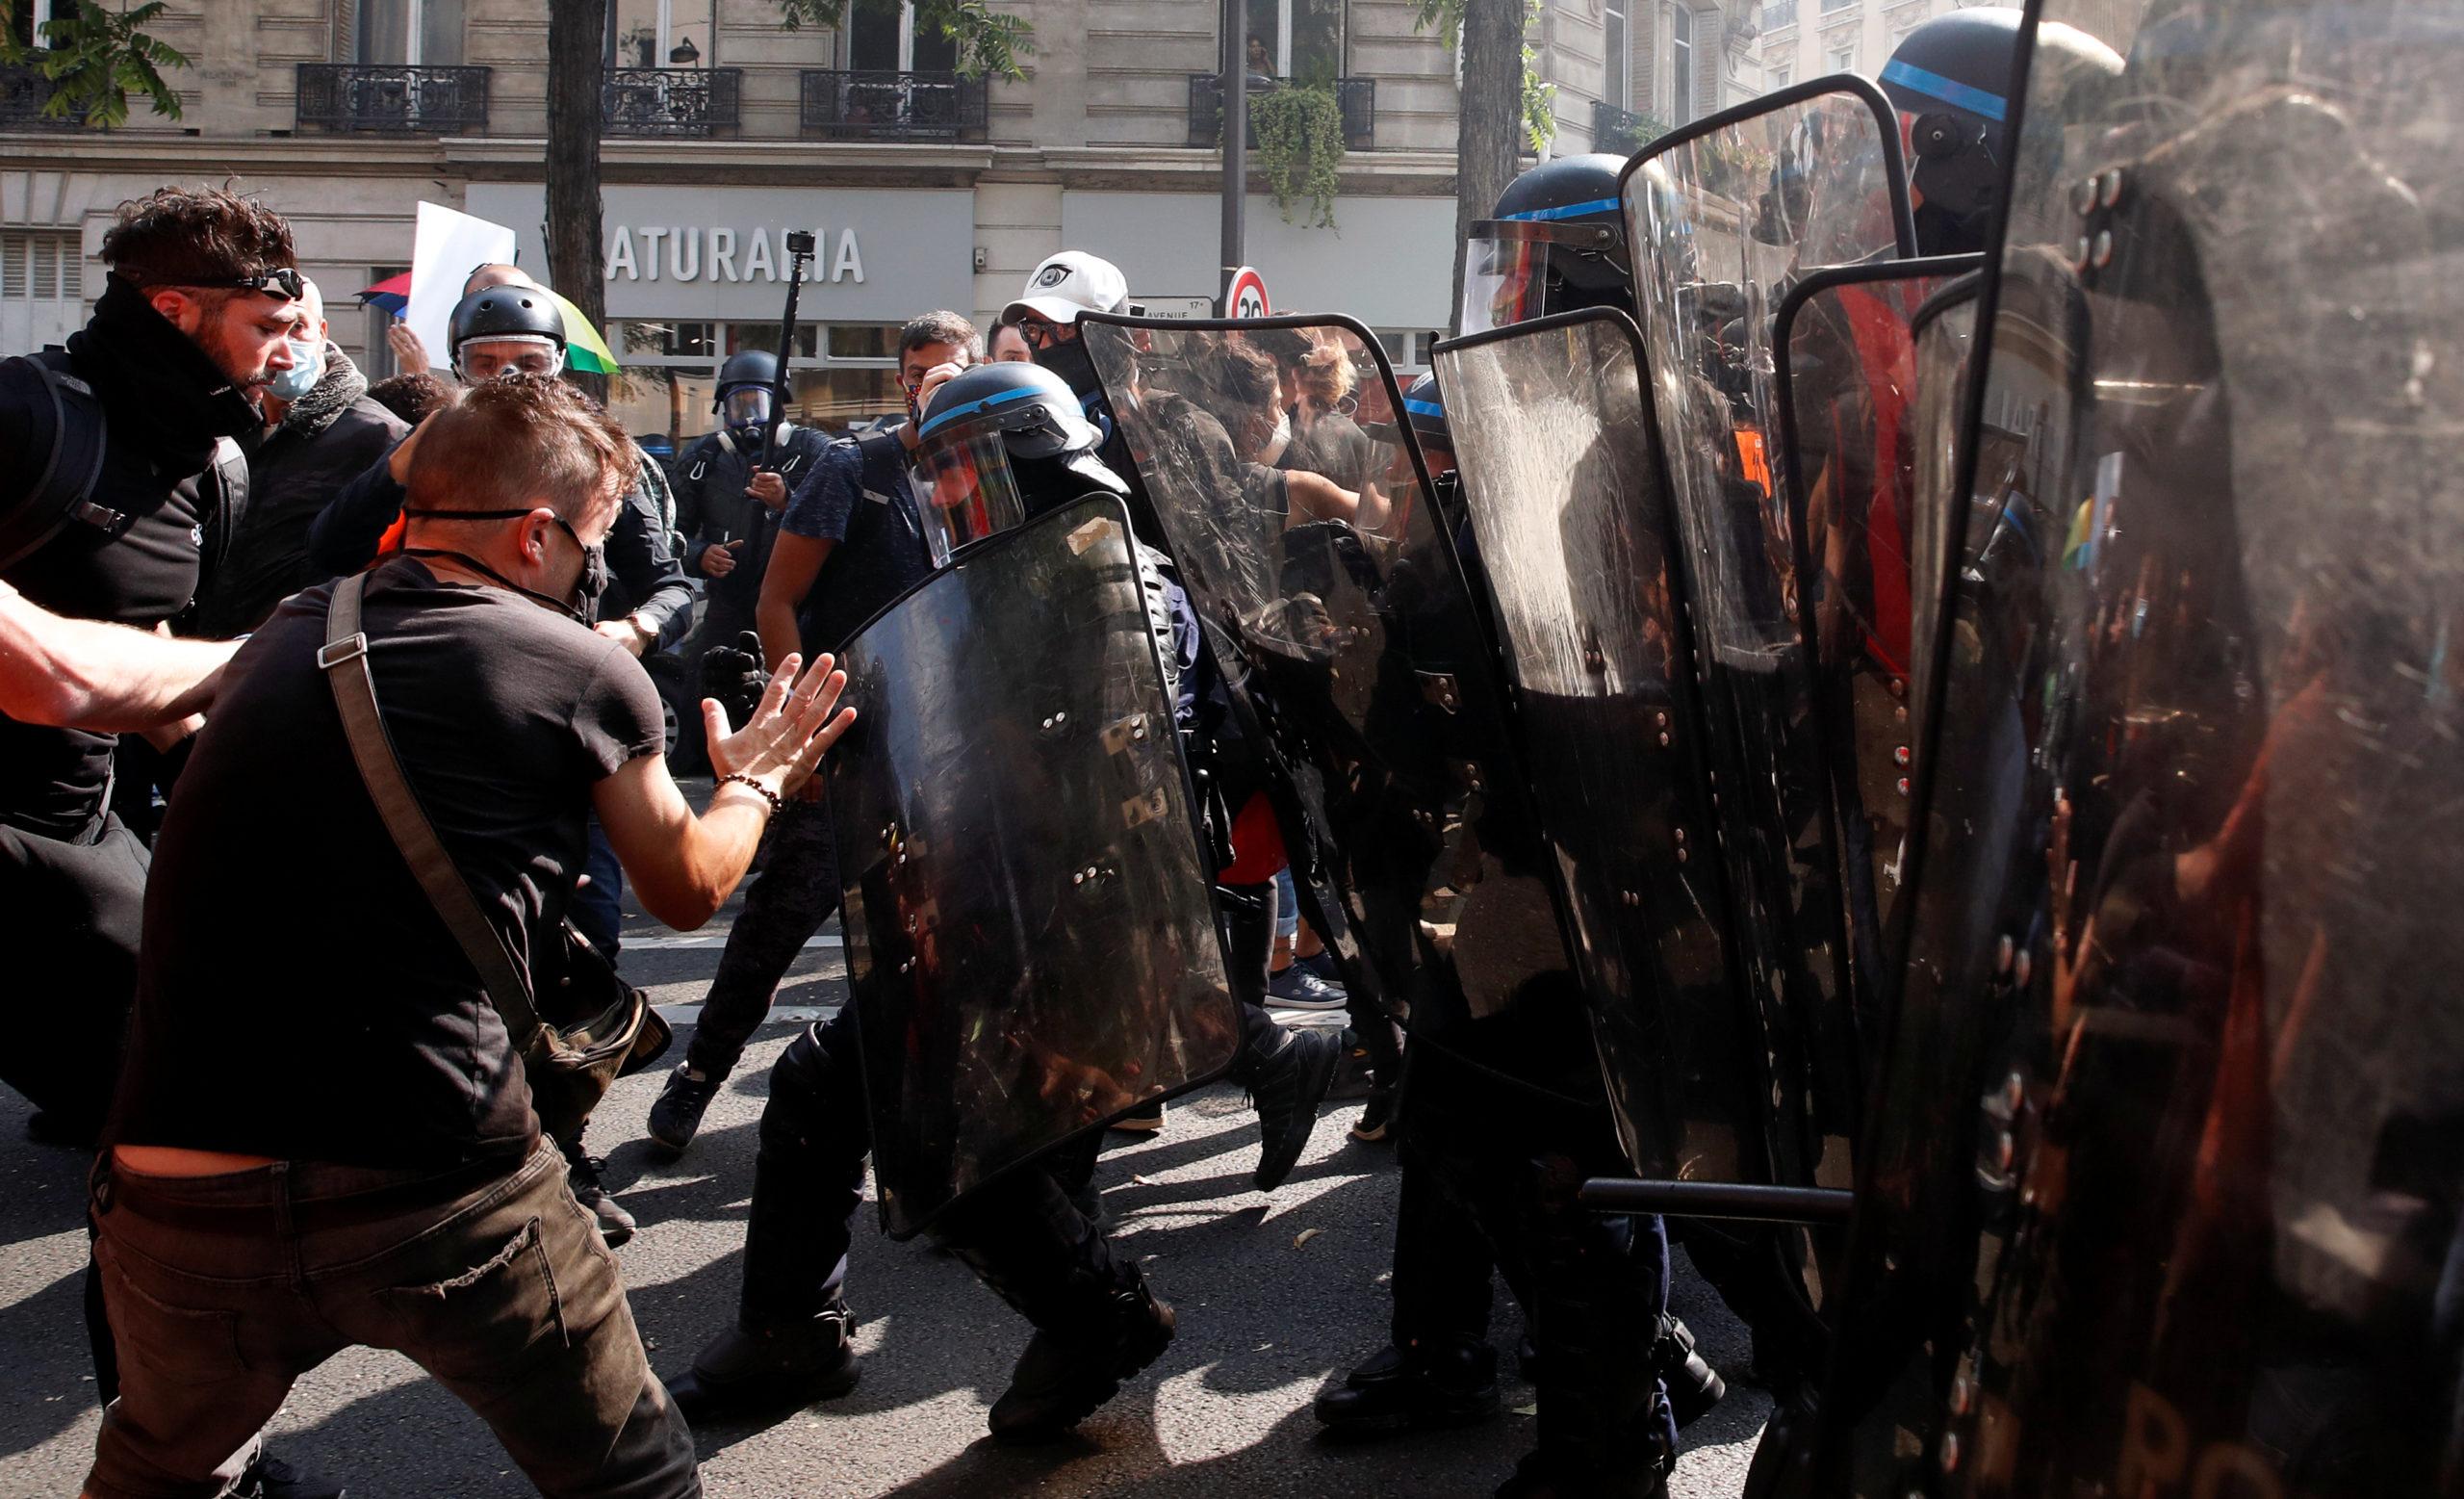 Journée test avec la manifestation des Gilets jaunes, quelques tensions place Wagram